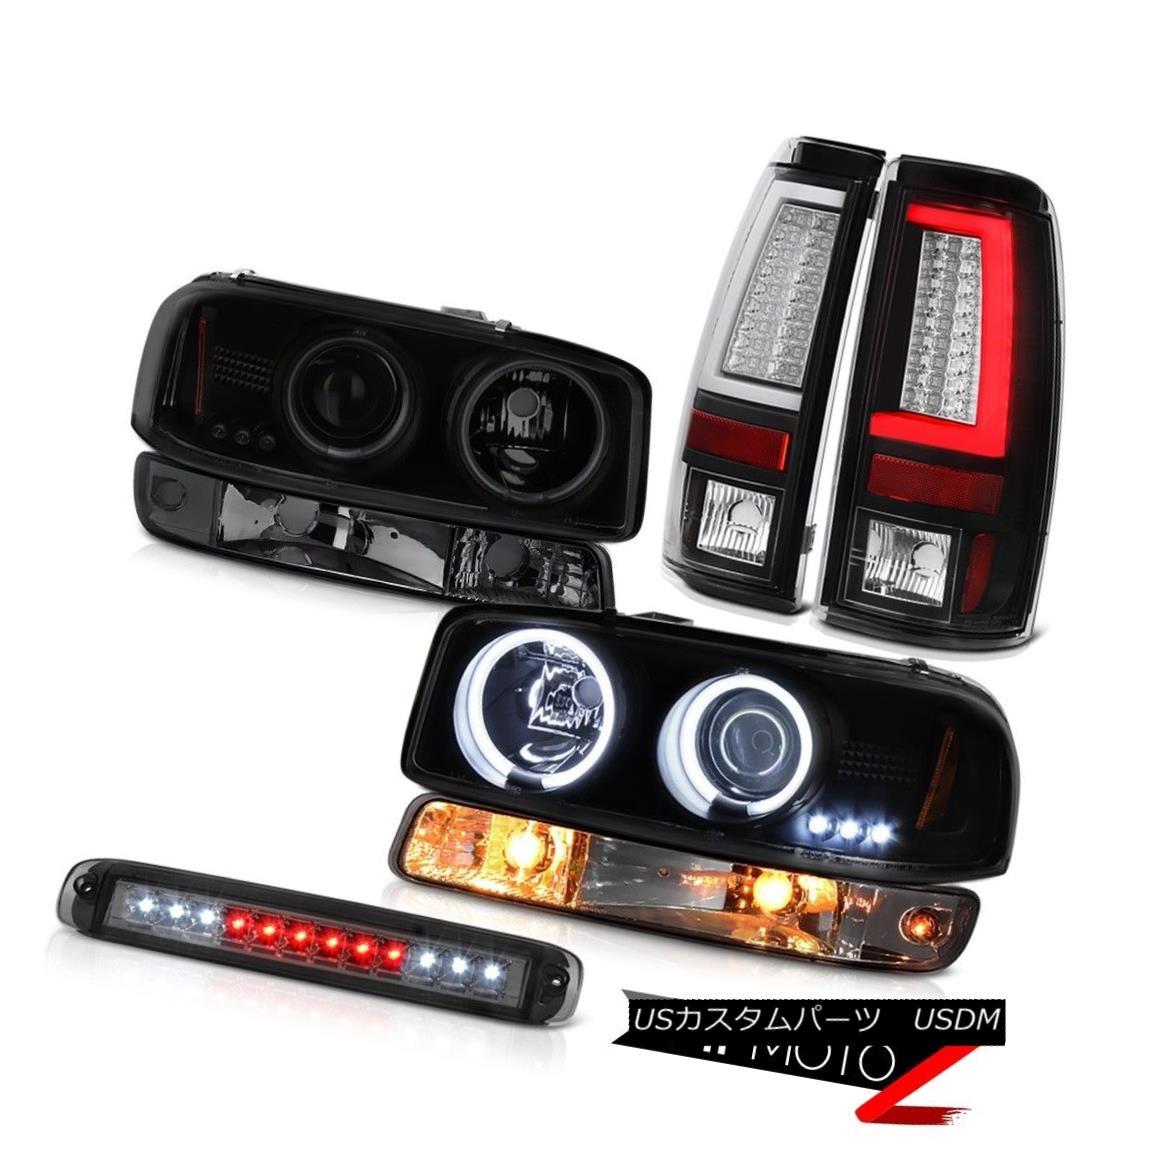 テールライト 99-06 Sierra SLE Tail Lights Roof Cab Lamp Bumper CCFL Headlights Crystal Lens 99-06シエラSLEテールライトルーフキャブランプバンパーCCFLヘッドライトクリスタルレンズ